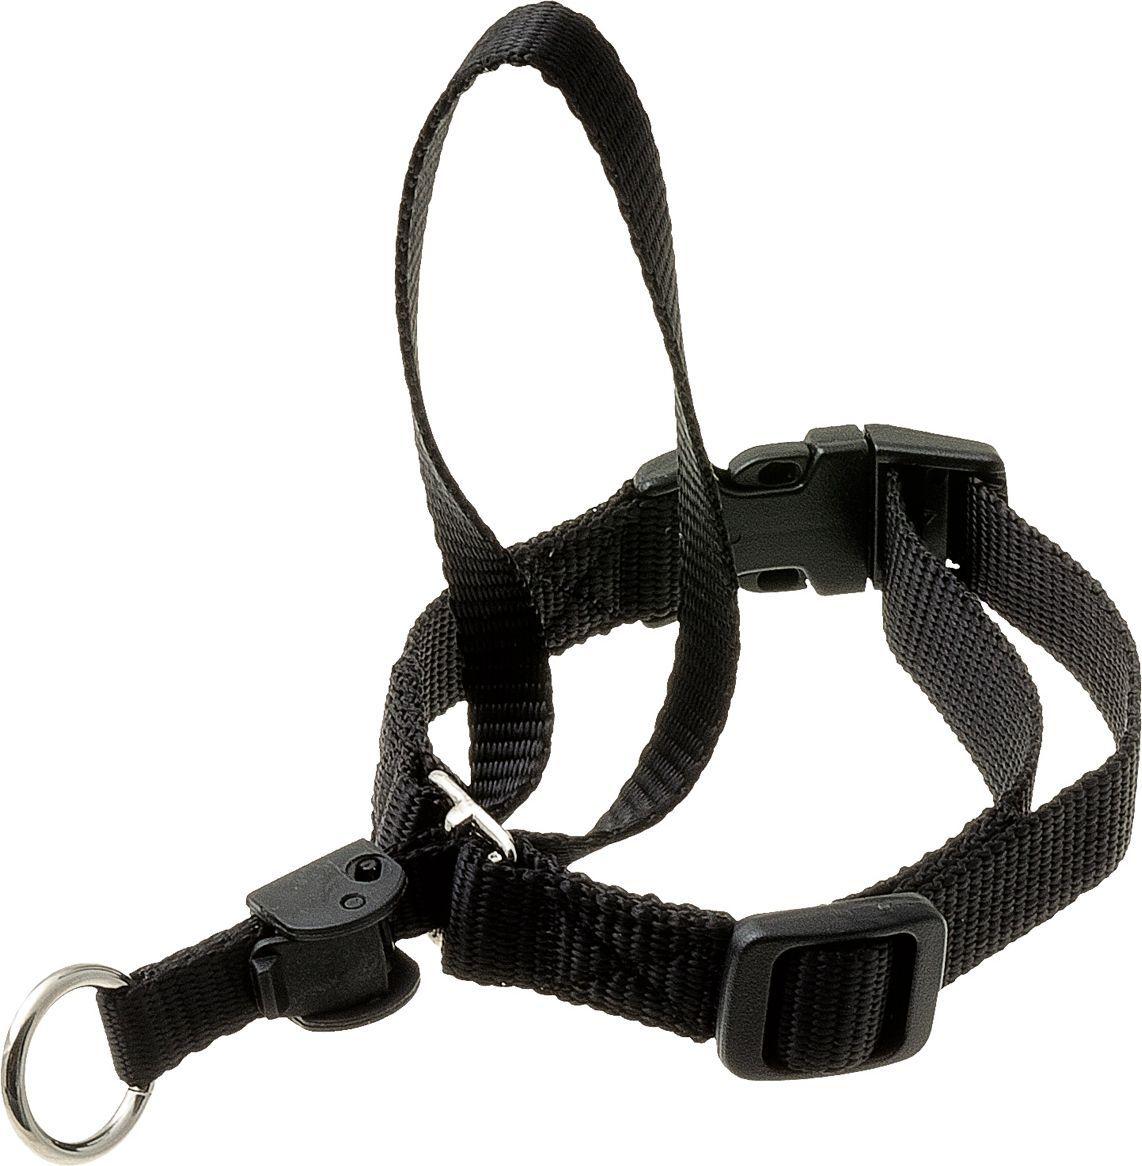 Недоуздок для собак V.I.Pet, цвет: черный. Размер 1 (шея 29-38 см)70-2926Недоуздок для собак размер 1 (шея 29-38 см)